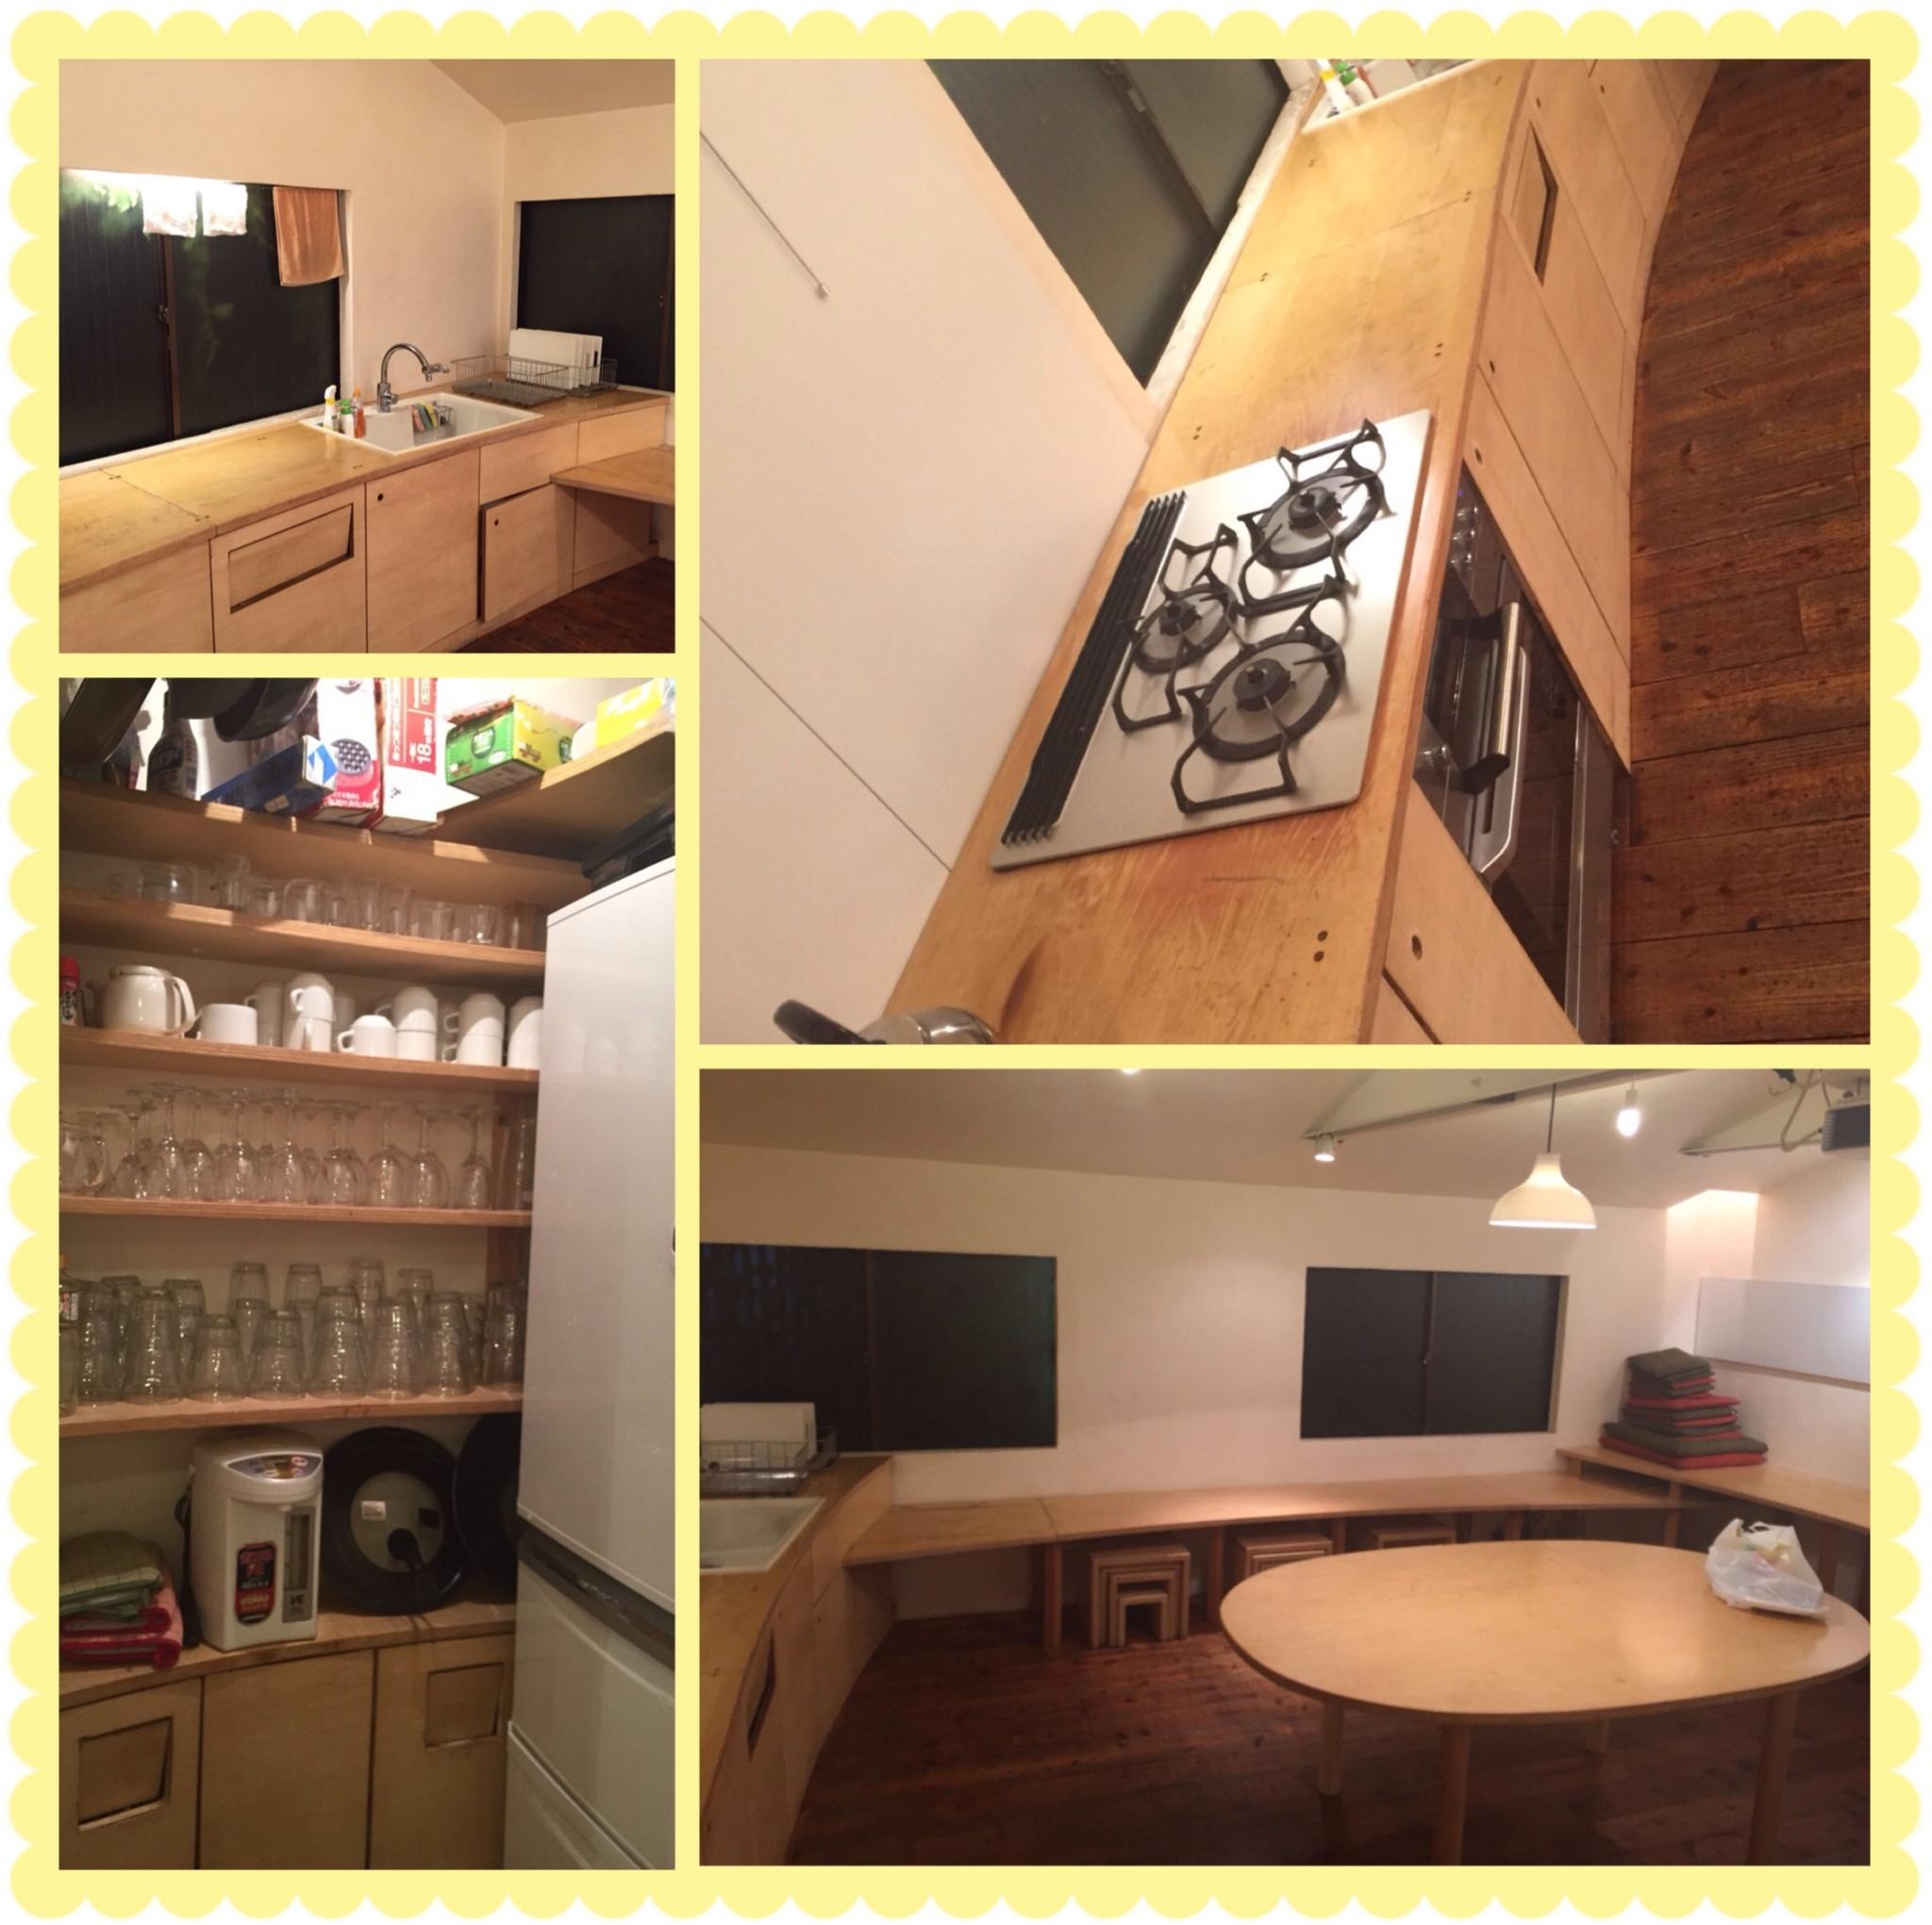 レンタルスペース【one kitchen】で夜ピクニック⁉️ルジェフルーツジャーでお洒落カクテルparty( ´ ▽ ` )ノ_1